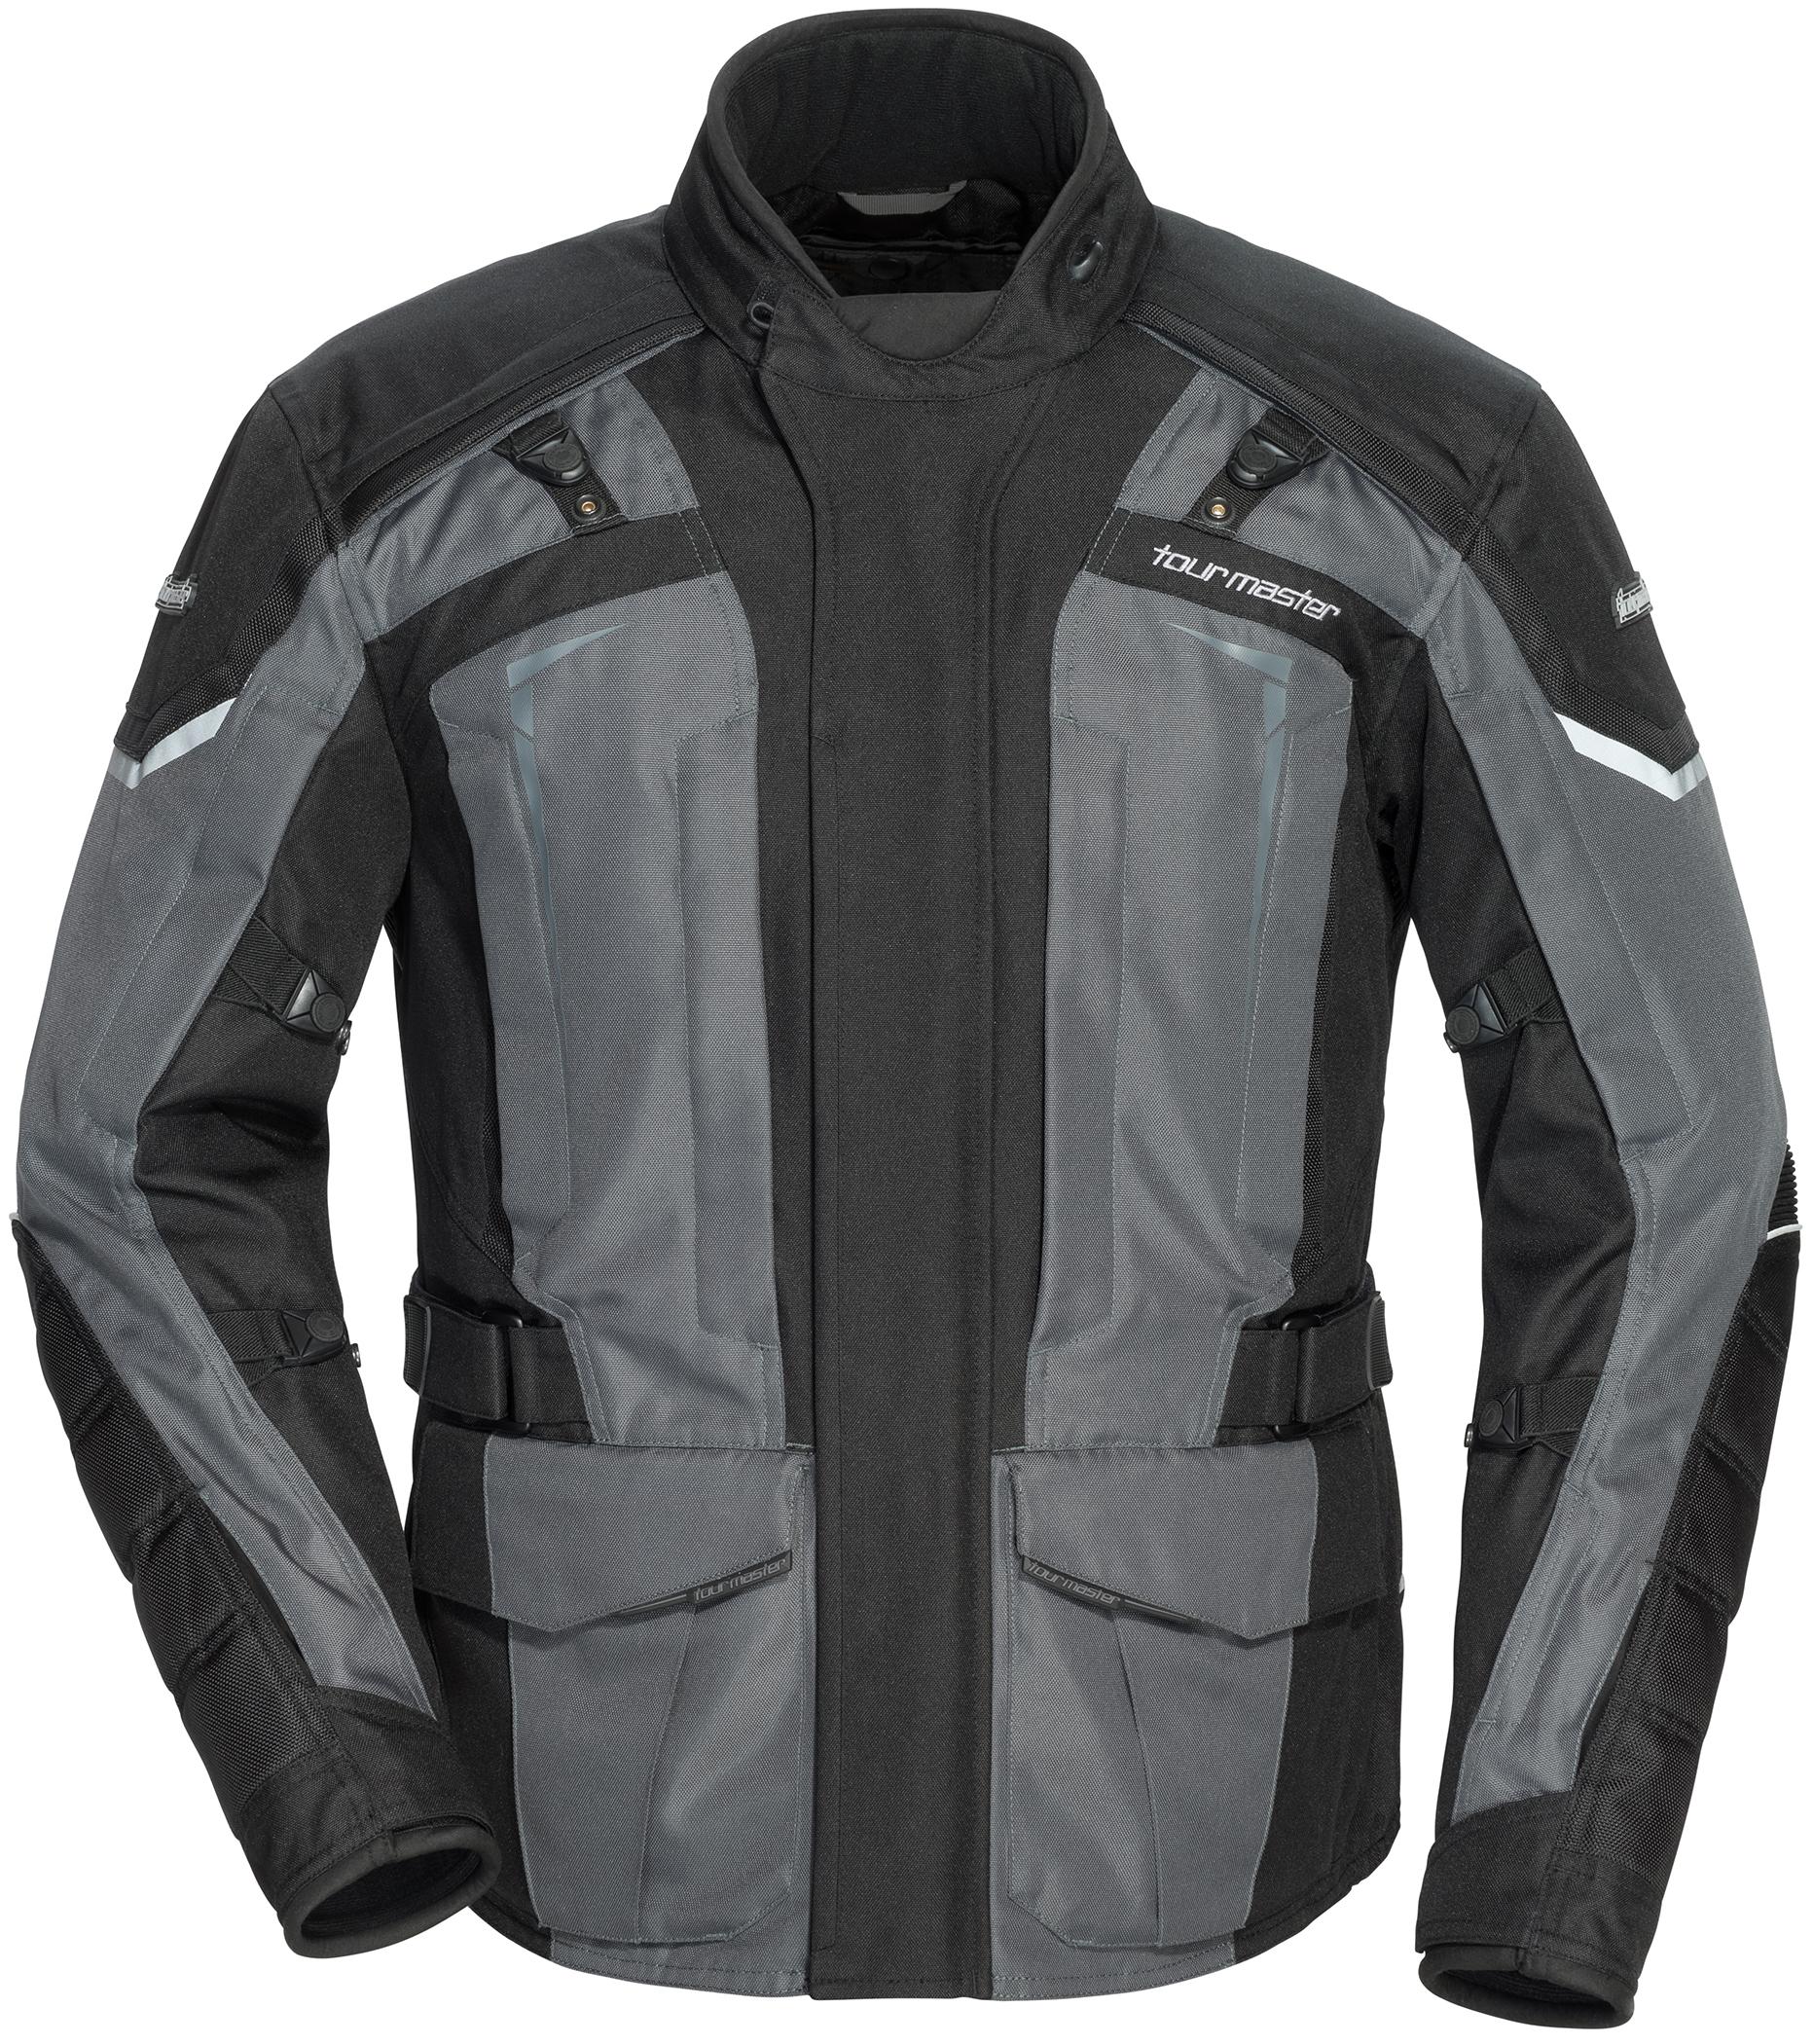 Tourmaster Transition Series 5 Motorcycle Jacket Choose ...